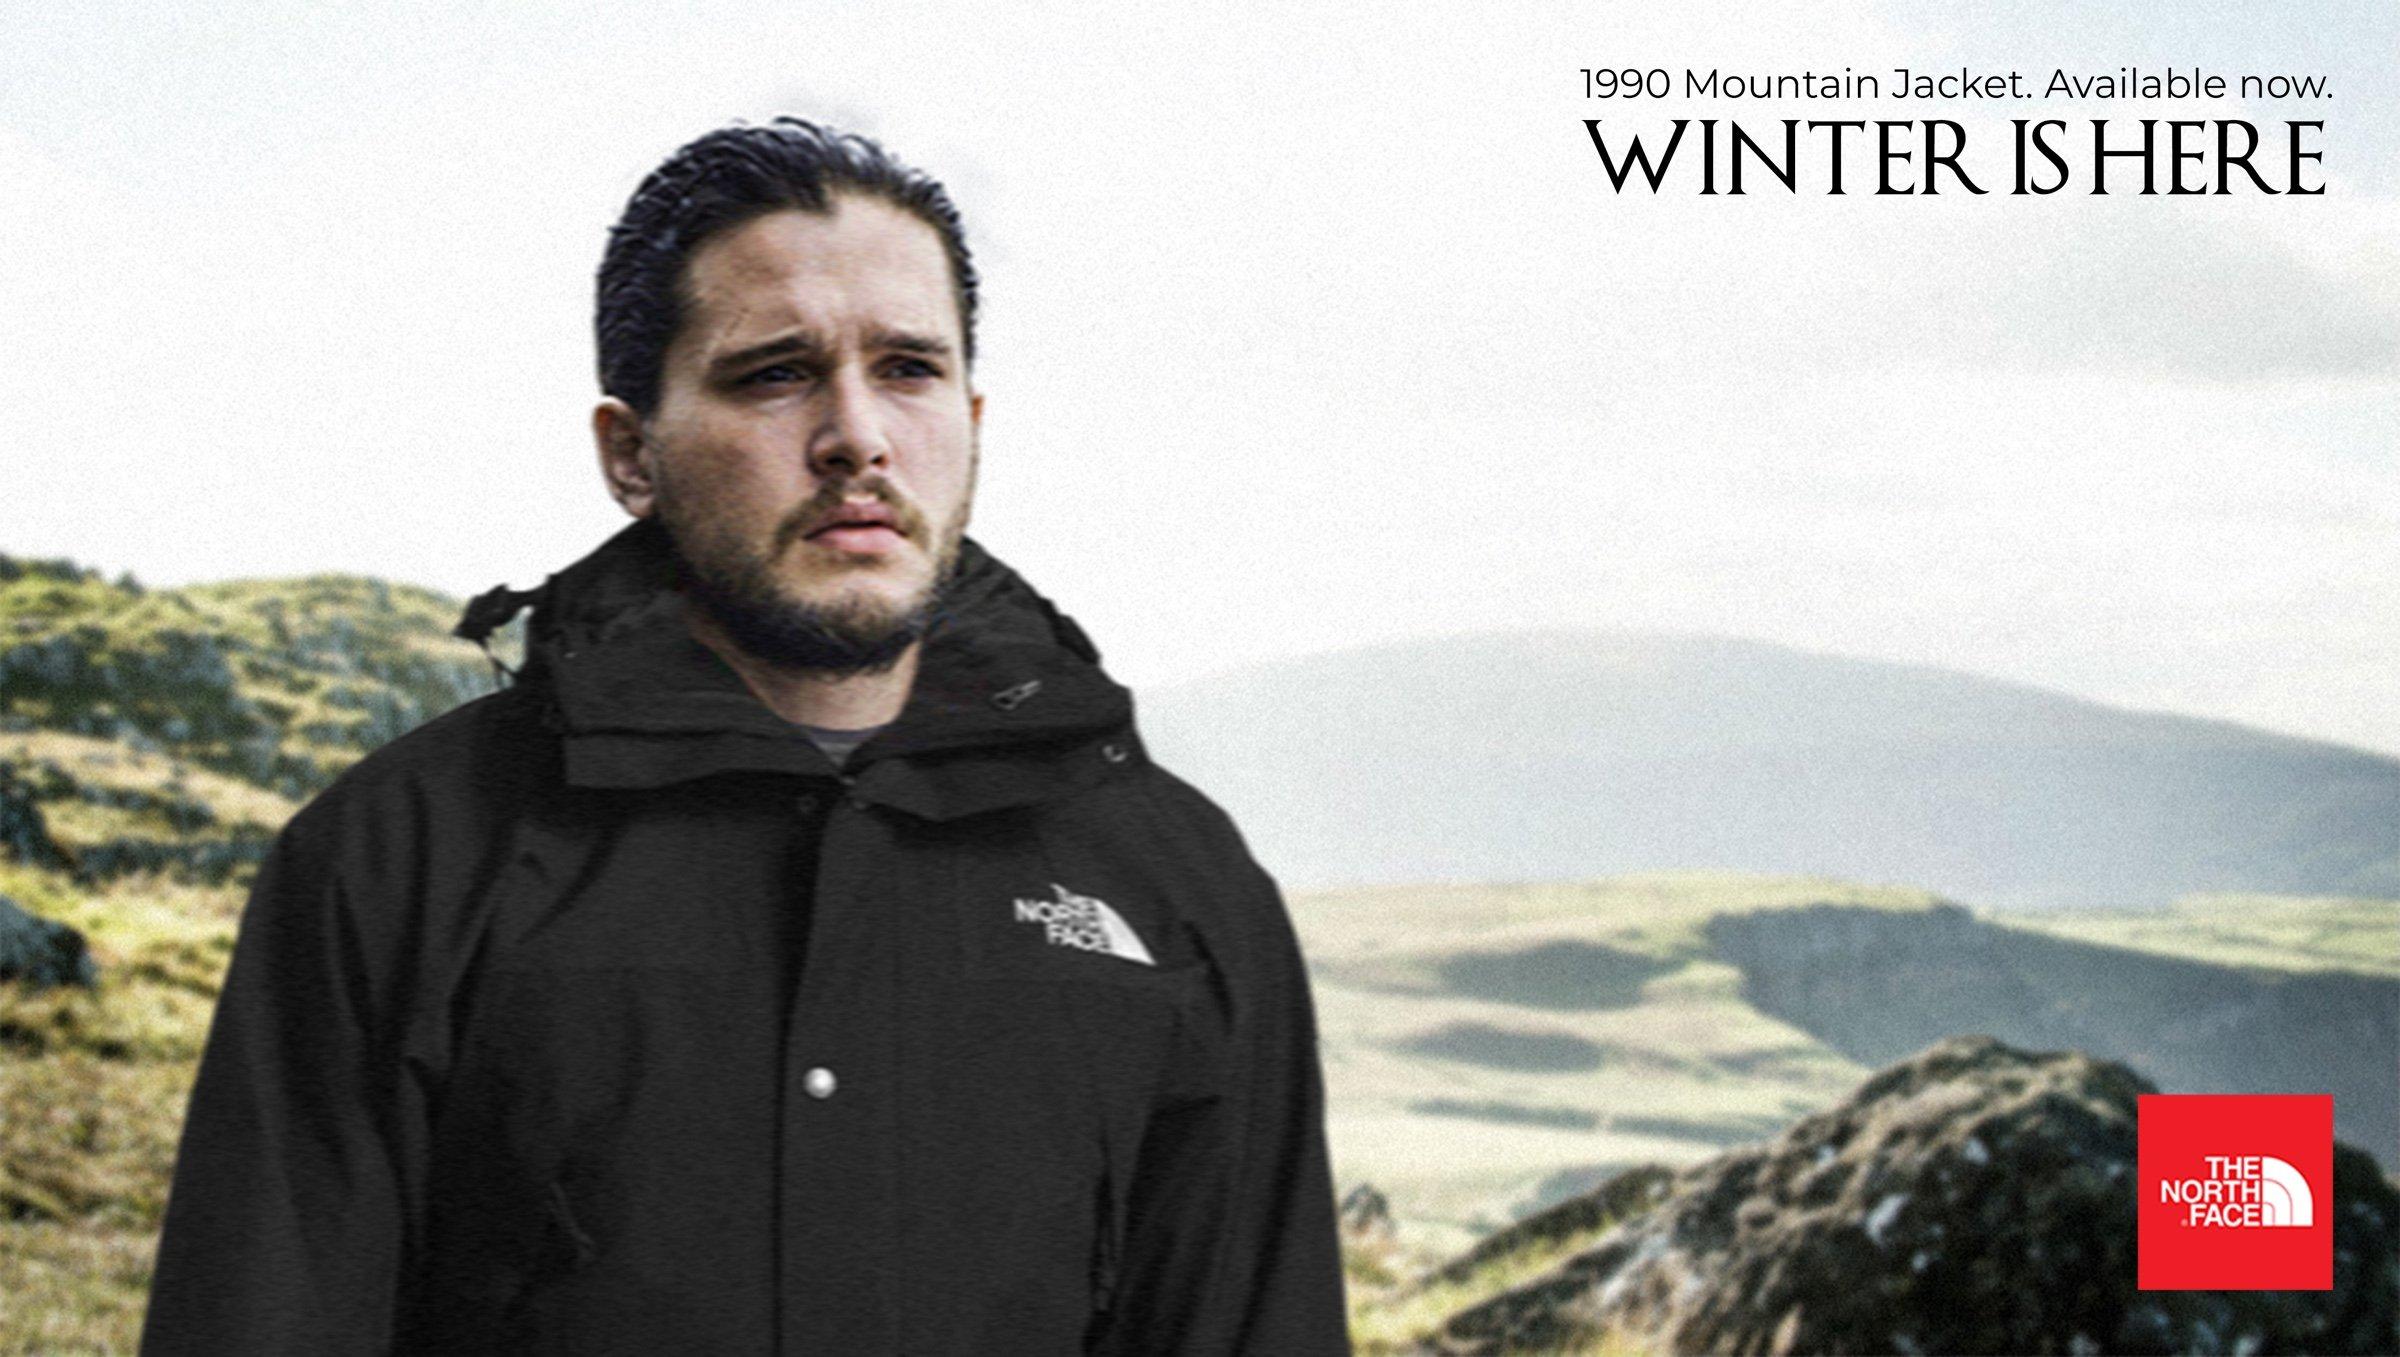 miglior giacca uomo invernale